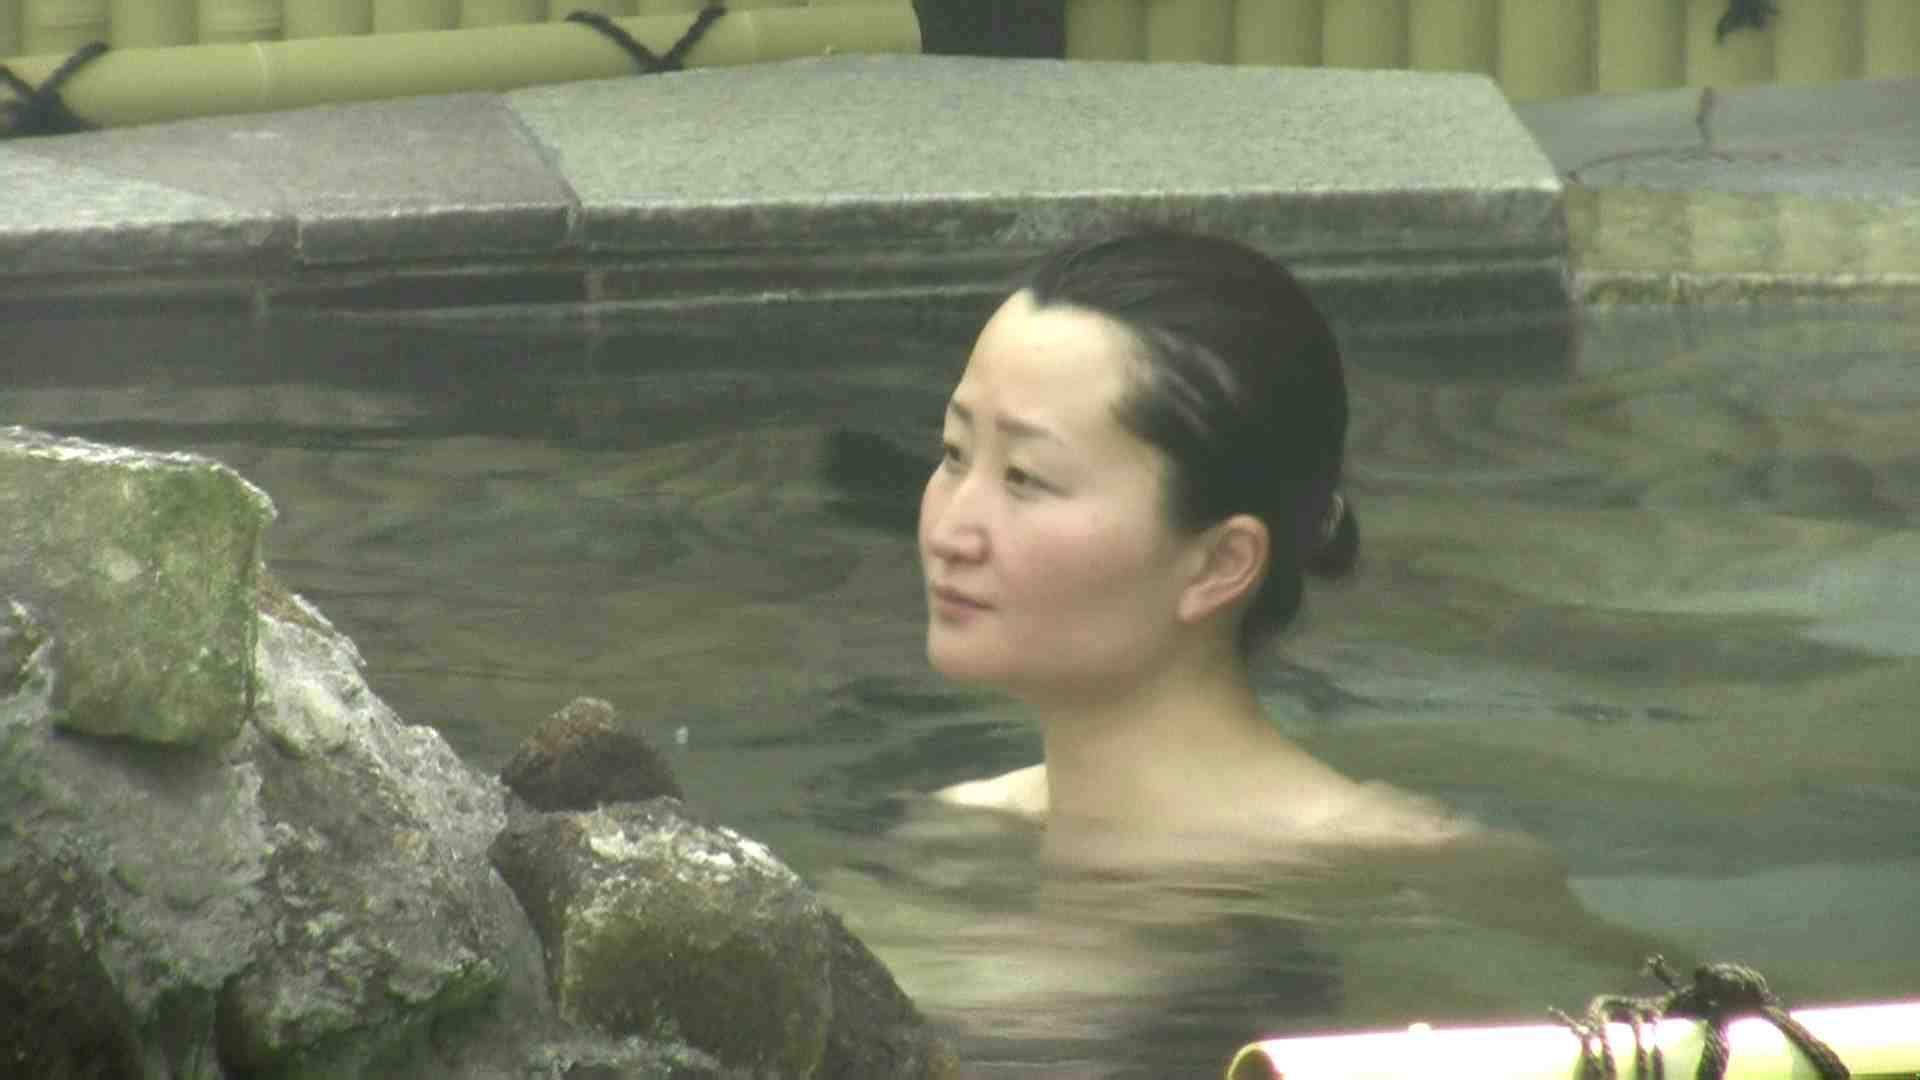 Aquaな露天風呂Vol.632 盗撮  41PICs 21